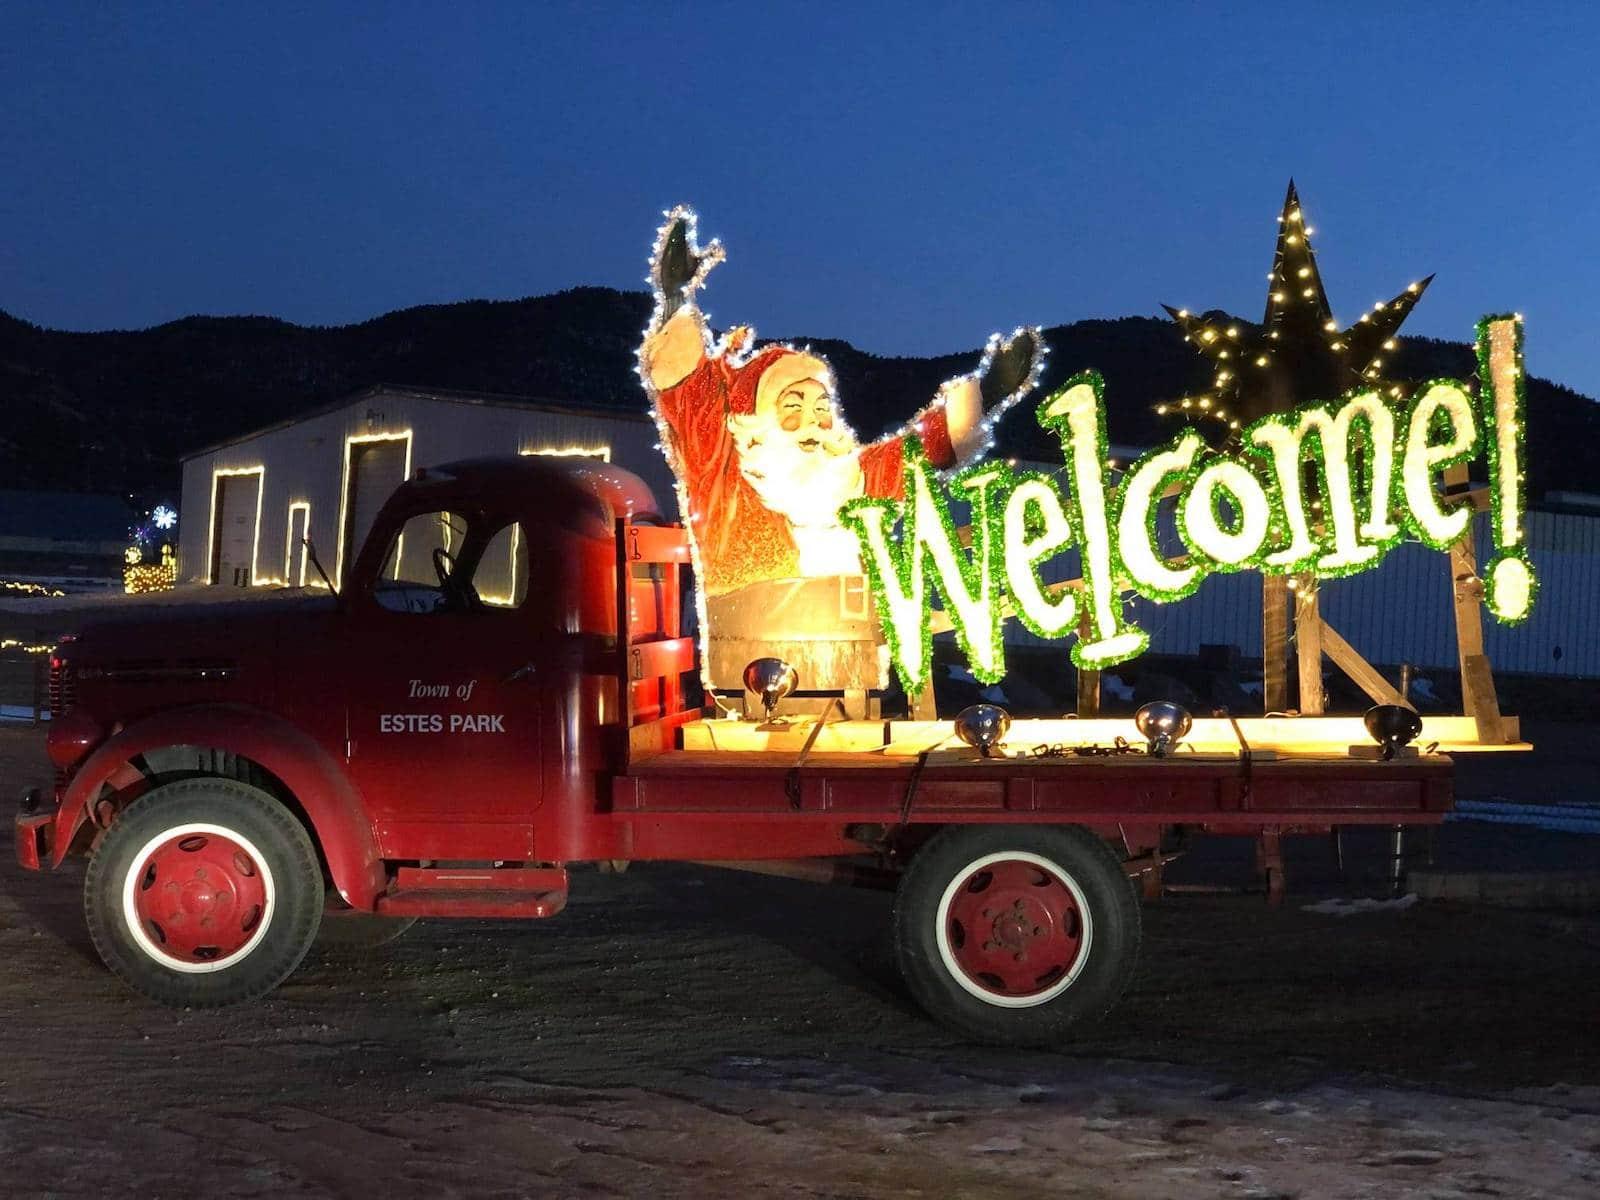 Gambar trik merah dengan tanda selamat datang santa yang menyala di Estes Park, Colorado